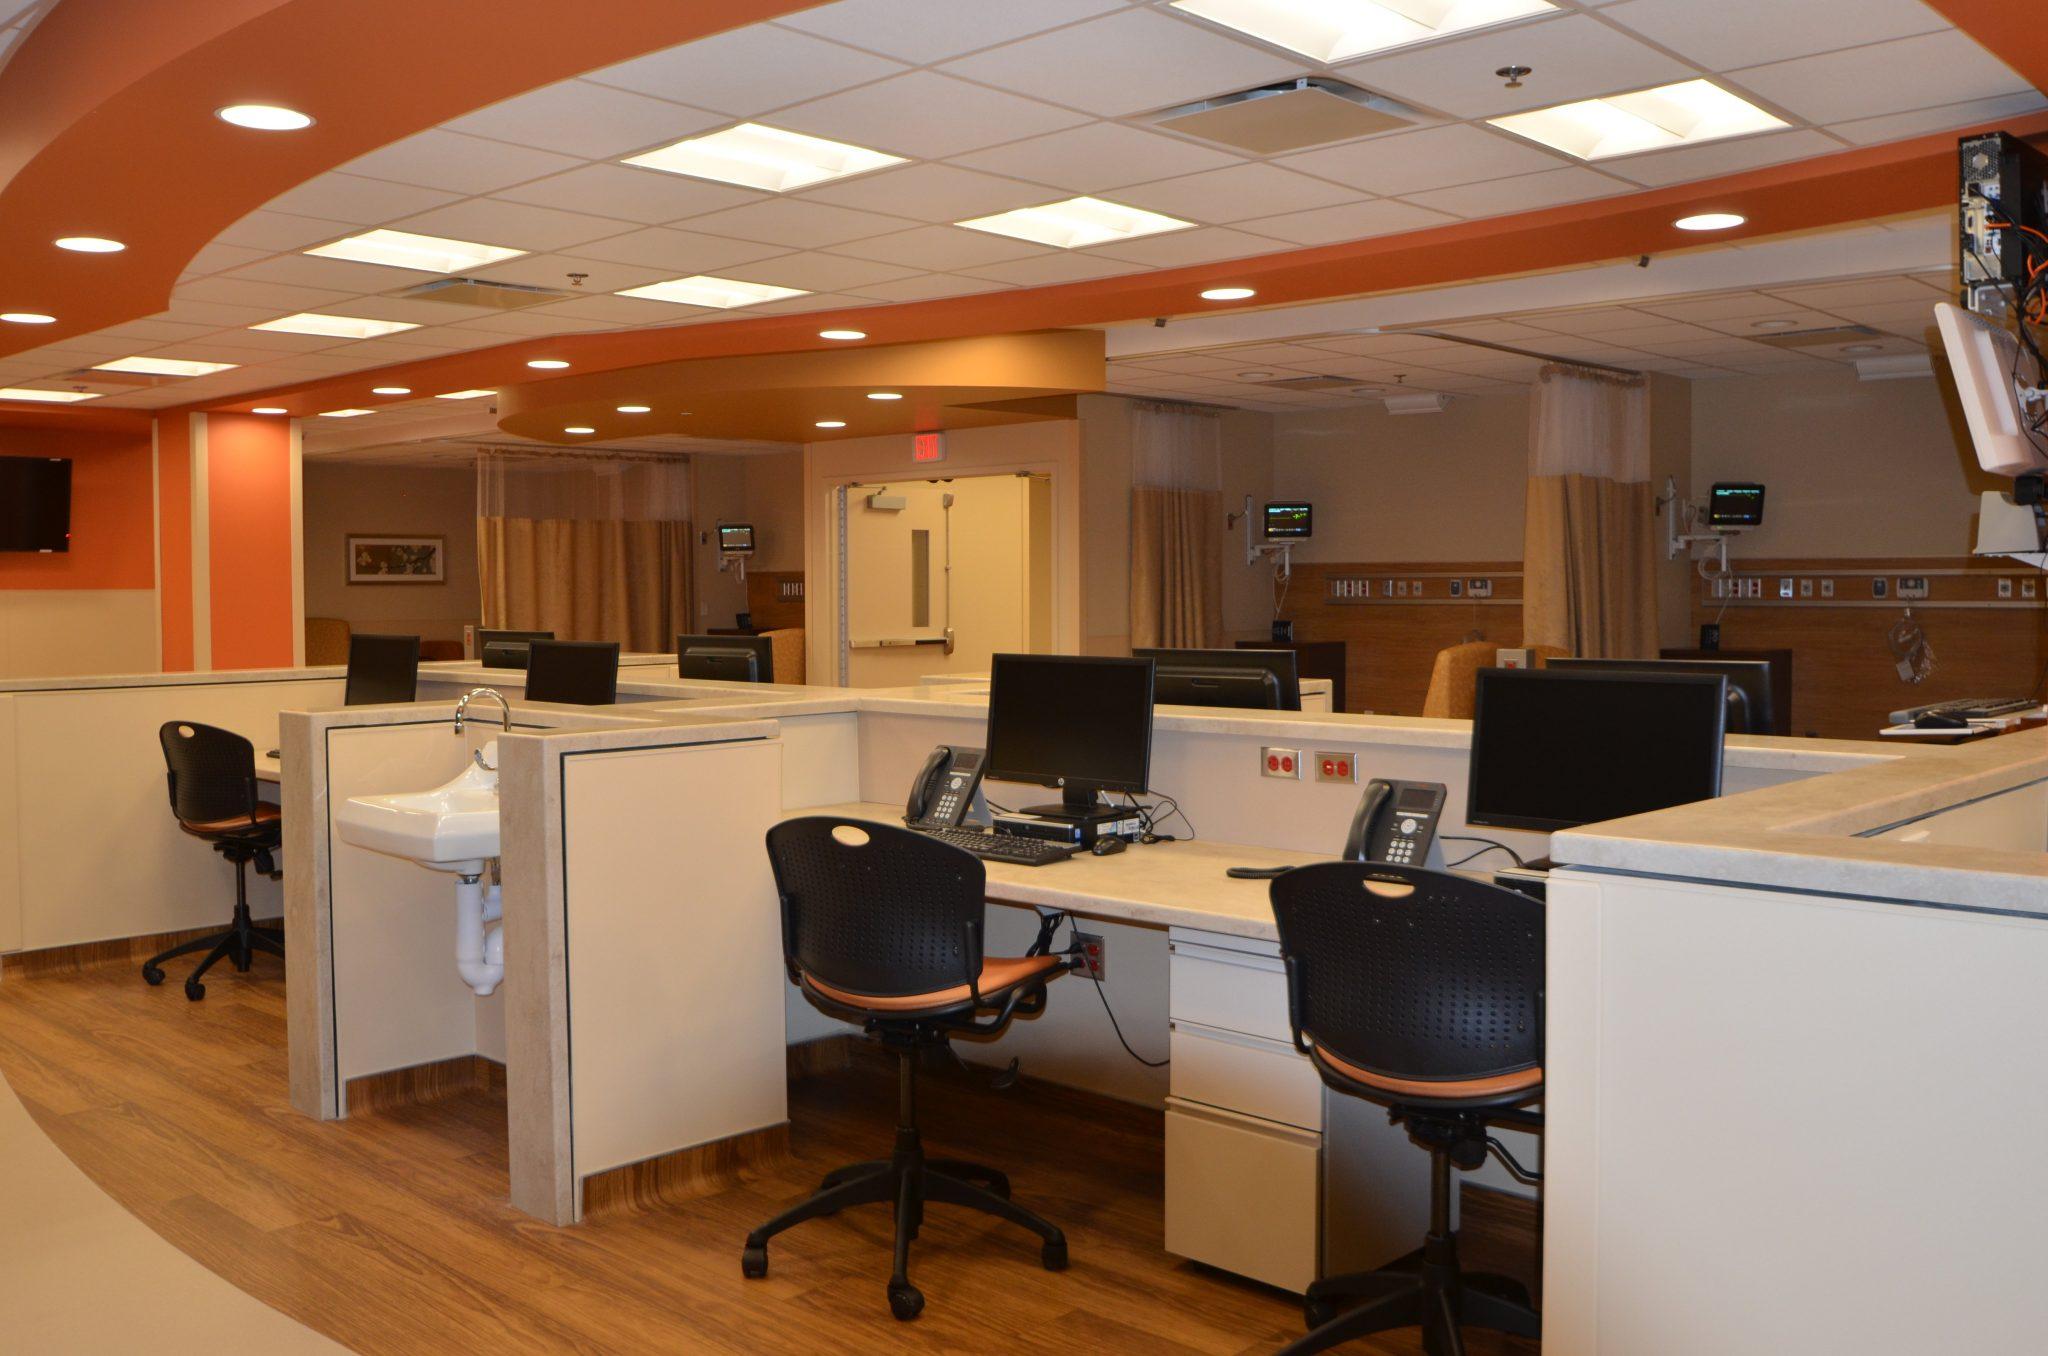 11St. Joseph outpatient surgery room with desks